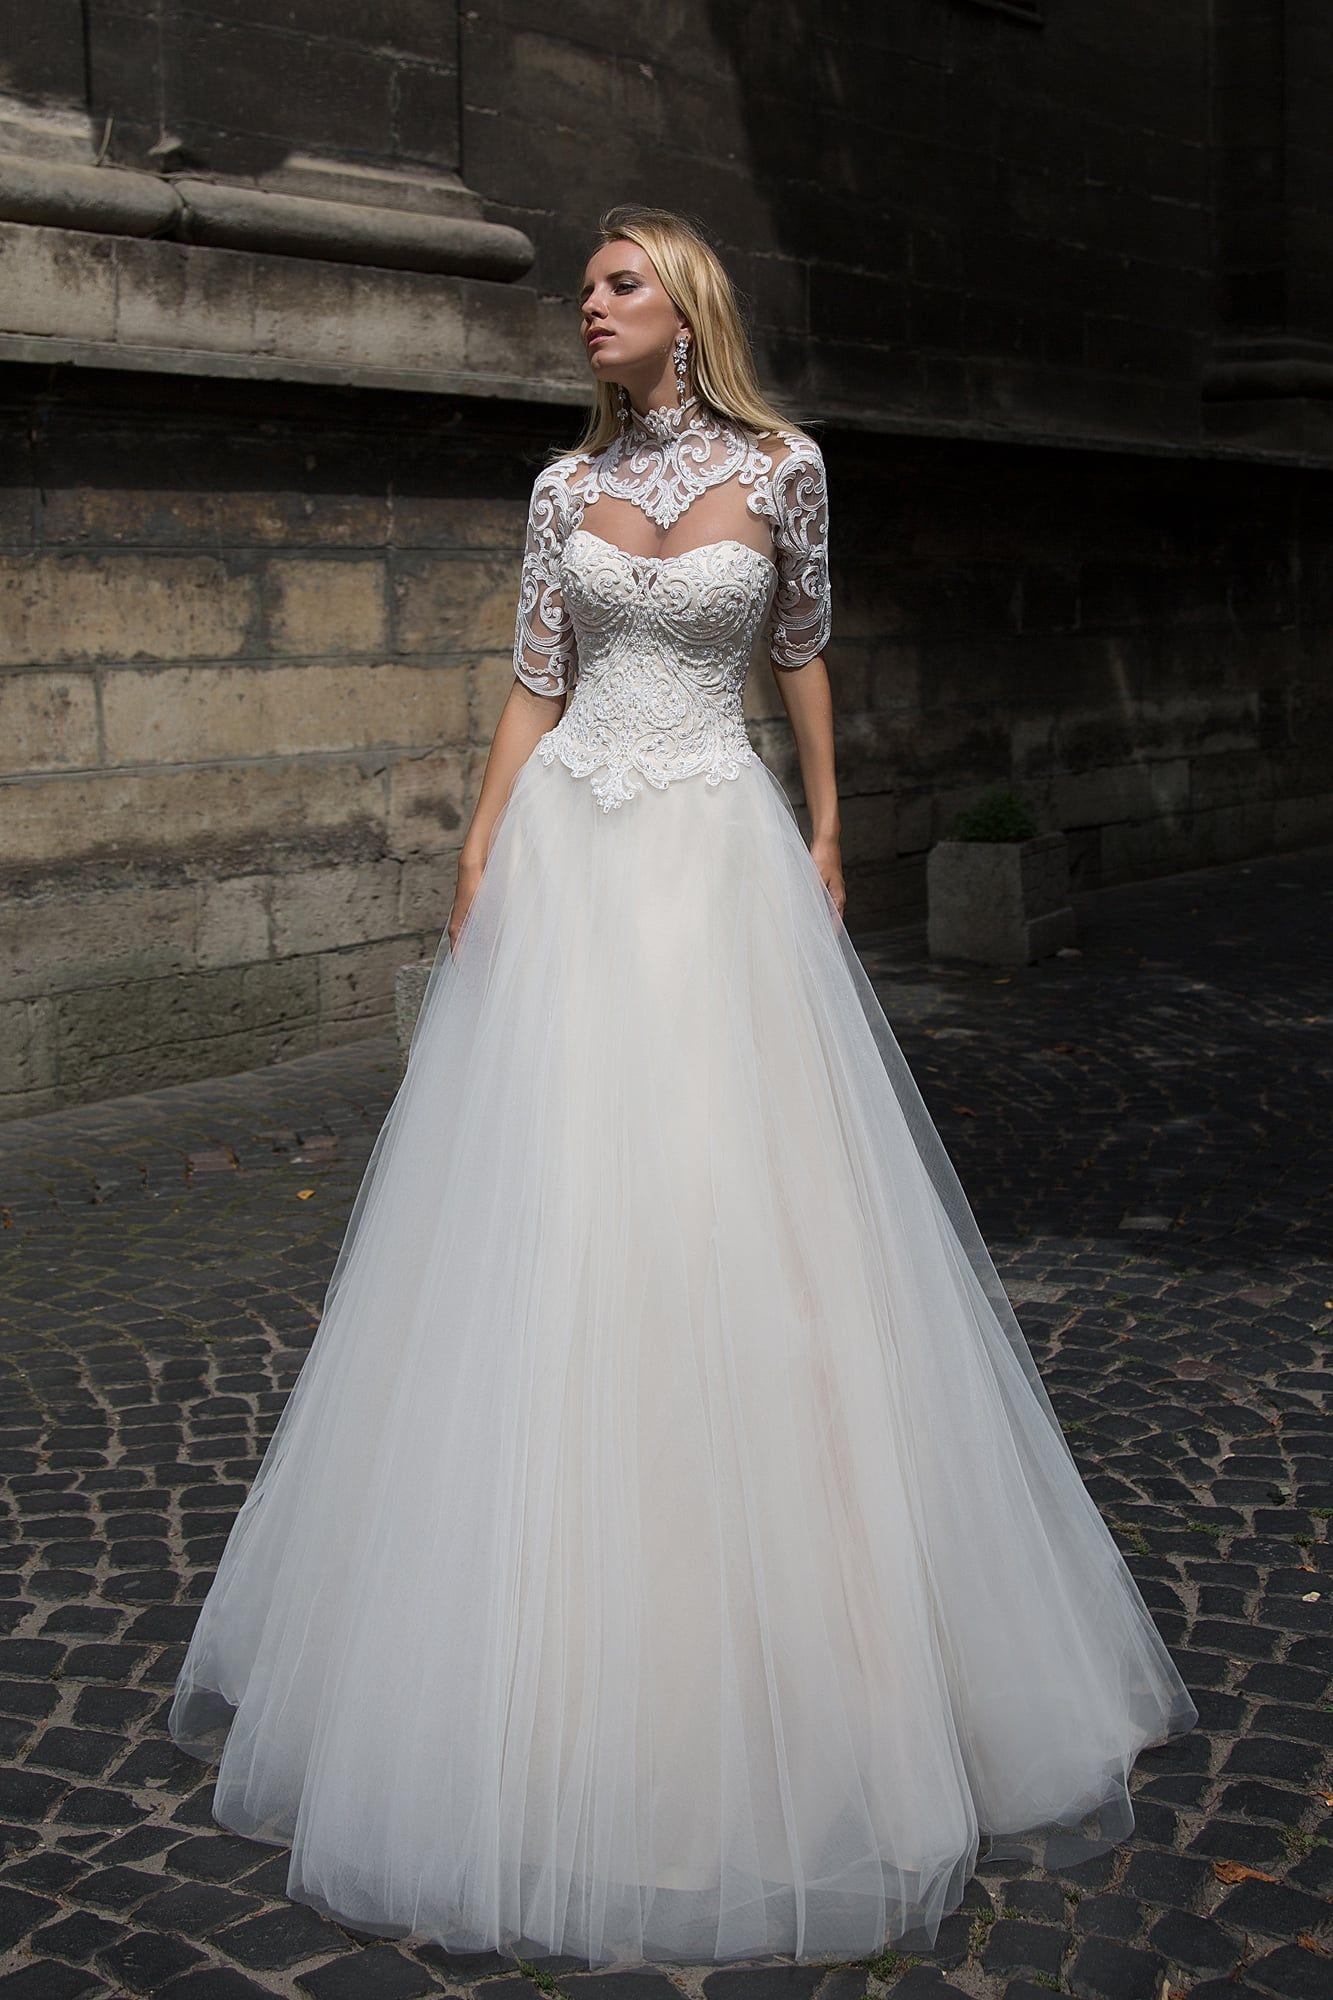 c9e107776250050 Свадебное платье Оксана Муха Juliana ▷ Свадебный Торговый Центр Вега в  Москве